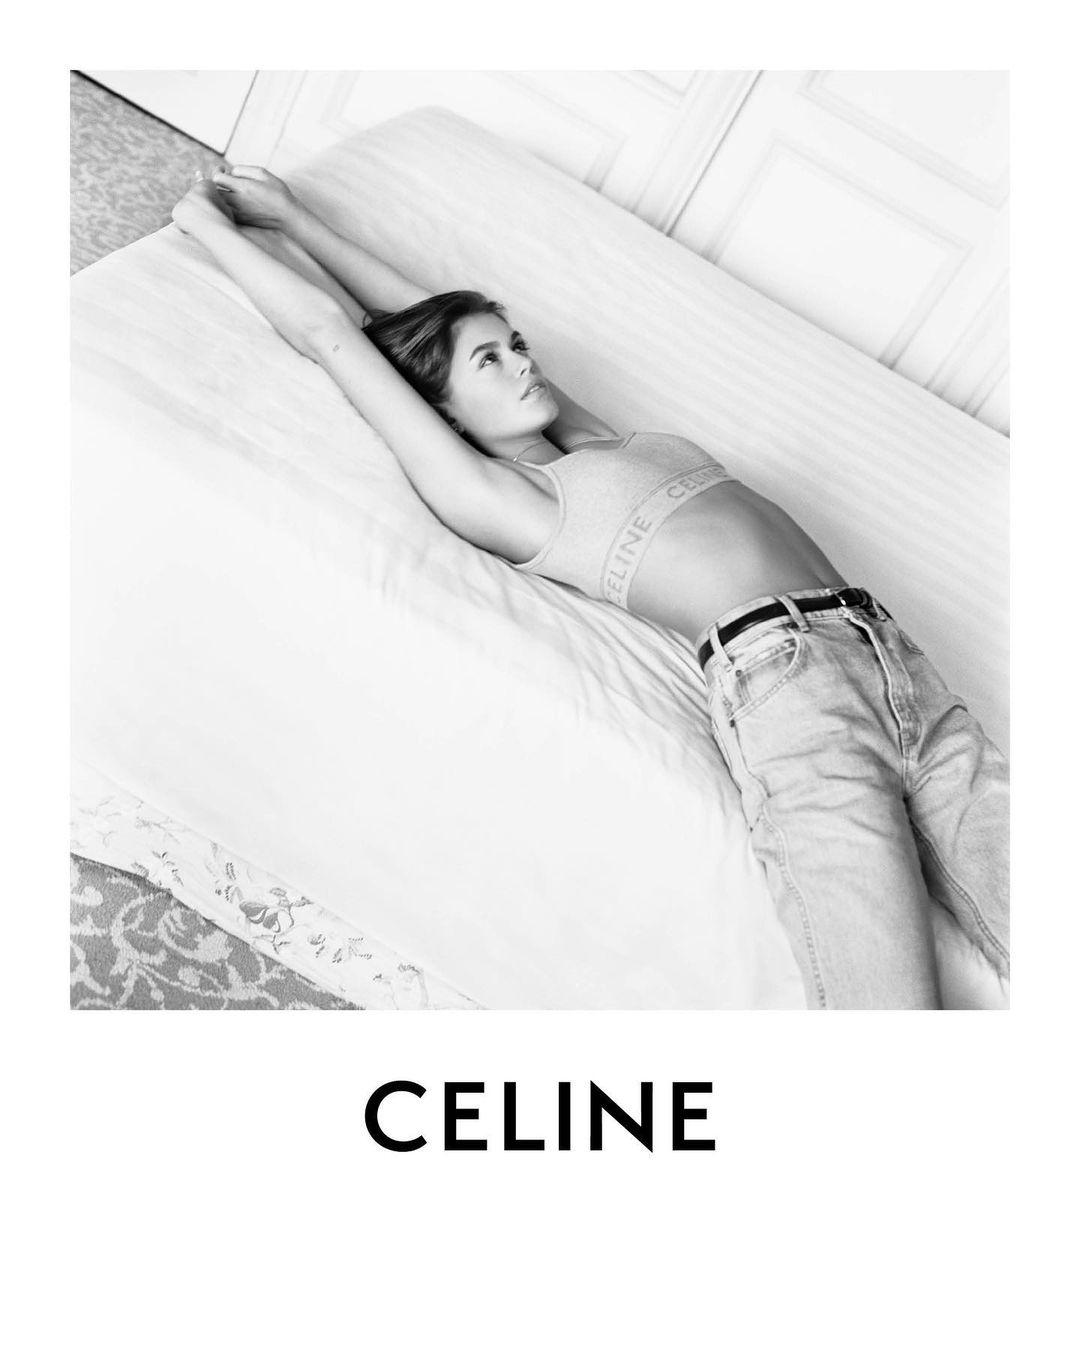 Дочь Синди Кроуфорд стала главной героиней рекламной кампании Celine (ФОТО) - фото №1